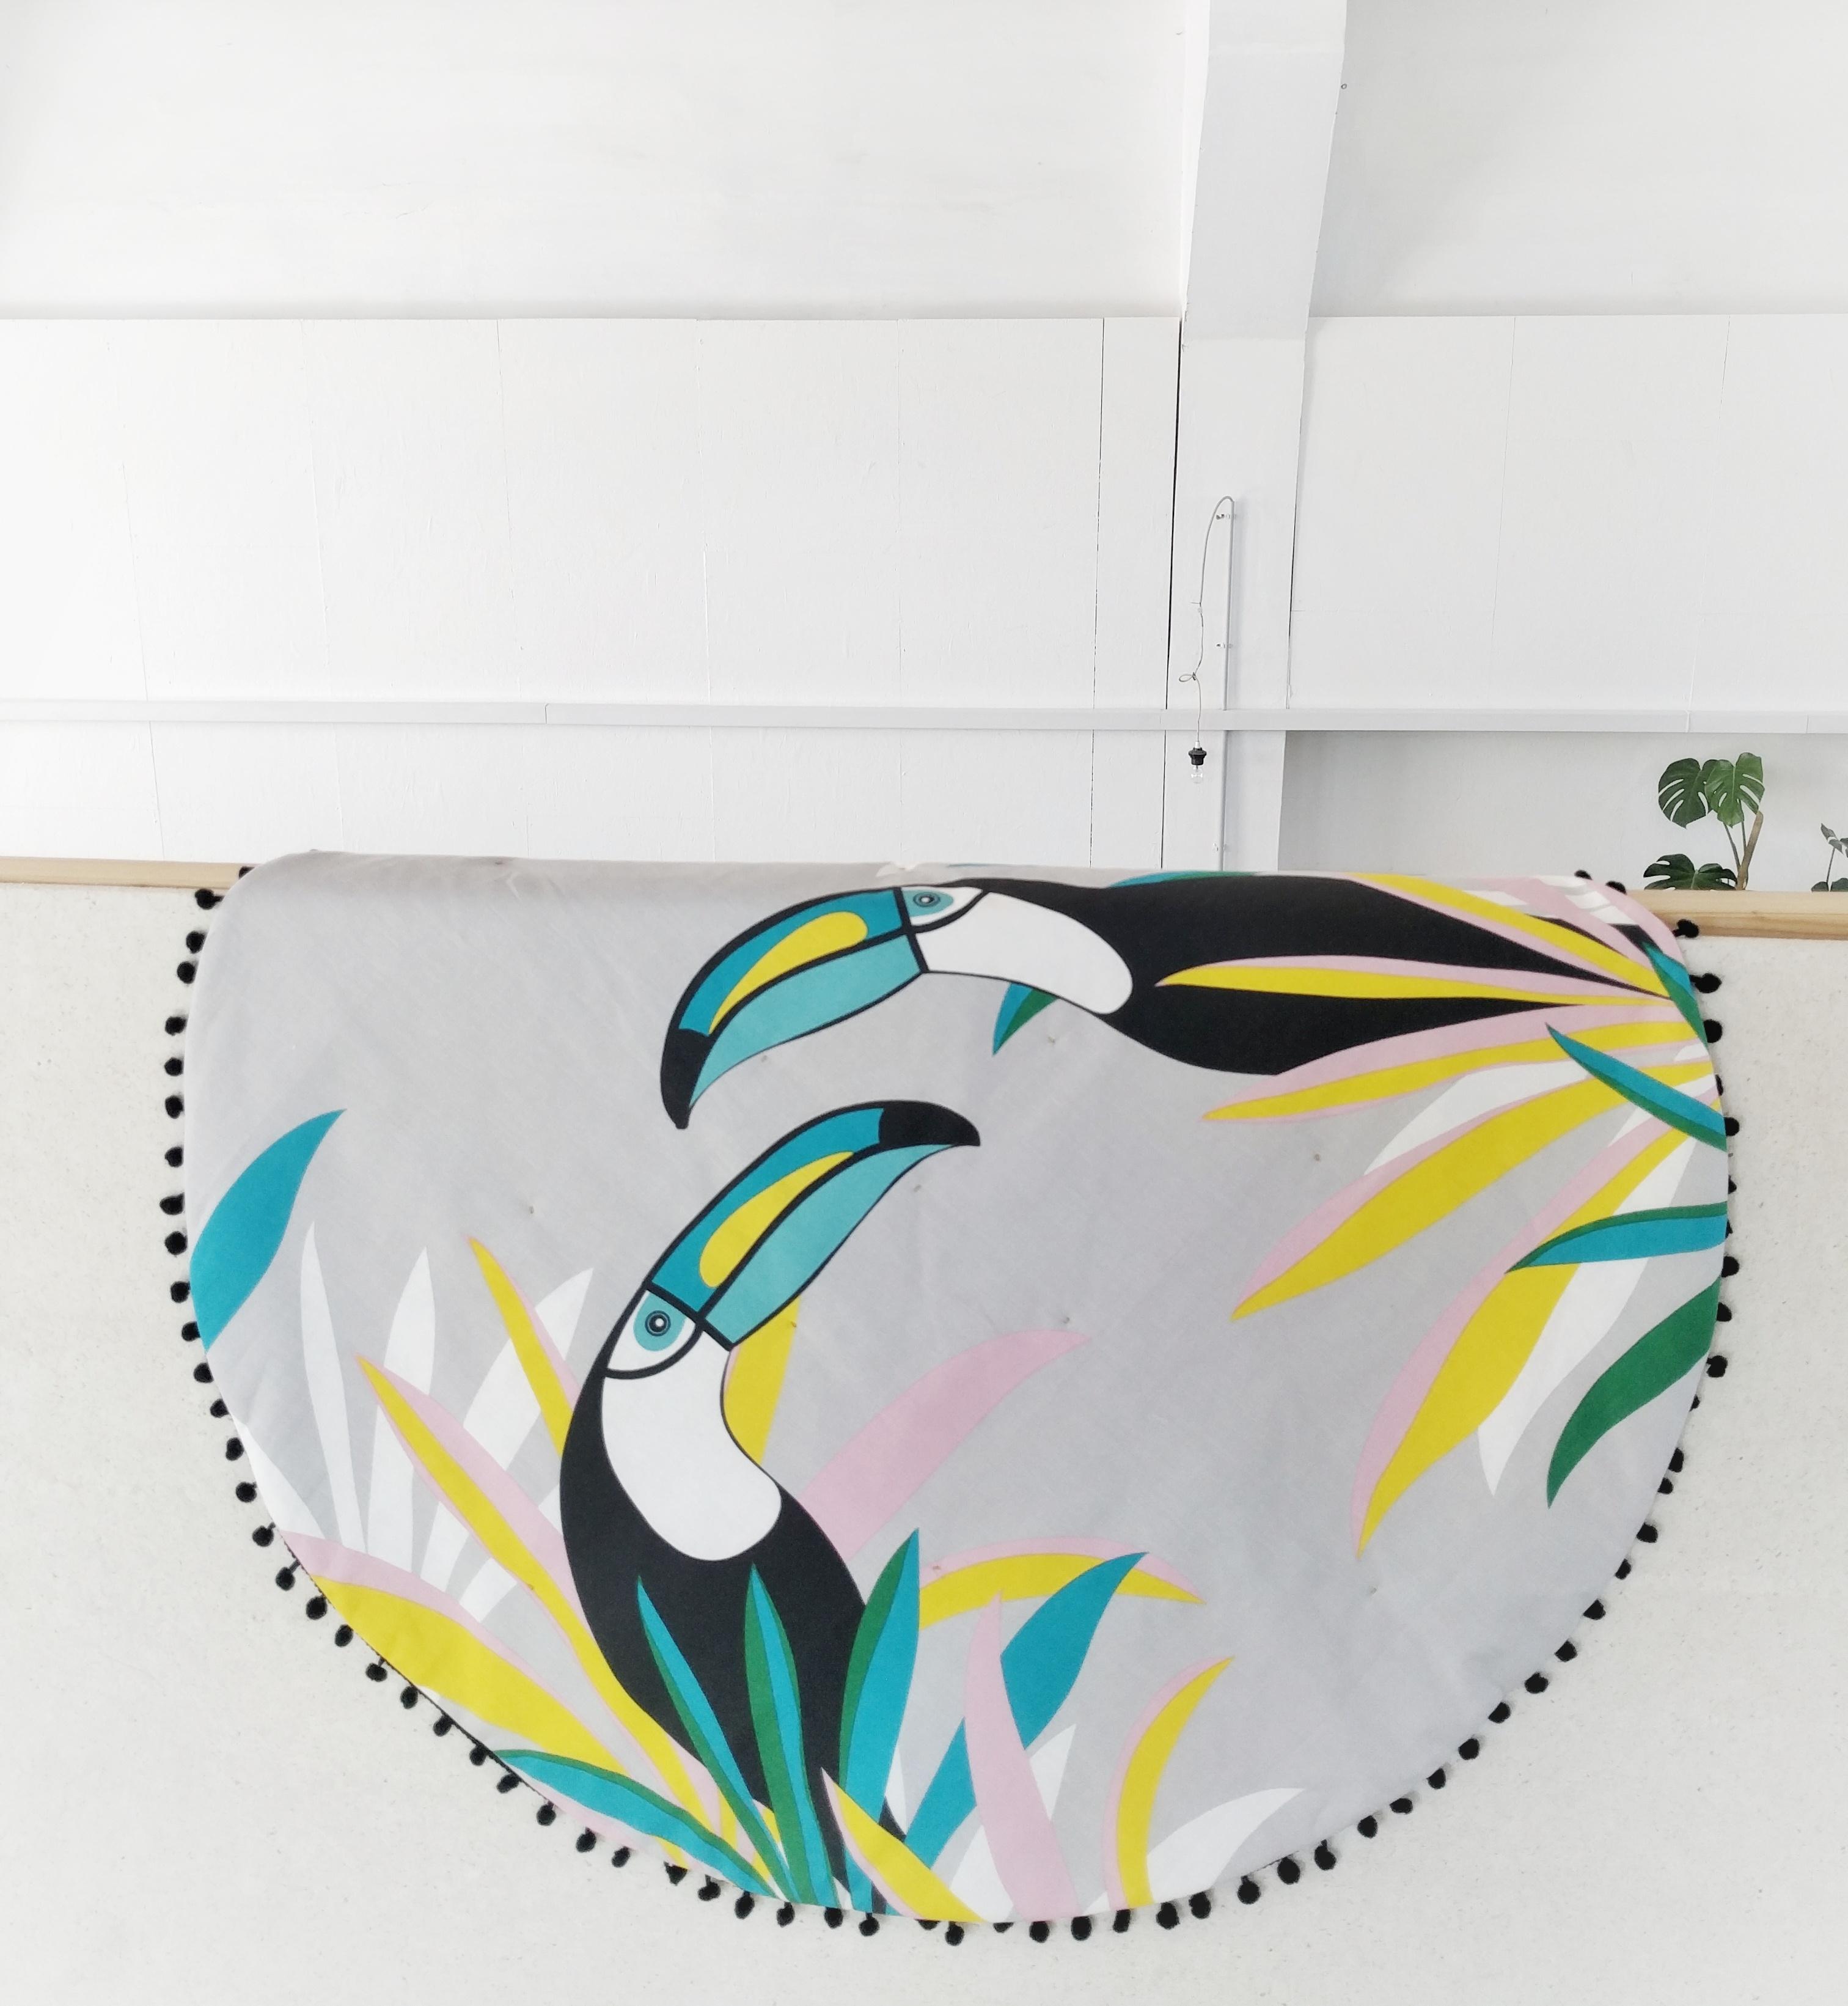 kopfkissen bedrucken beste farbe f r schlafzimmer tapeten grau kleiderschr nke bis 50 euro test. Black Bedroom Furniture Sets. Home Design Ideas